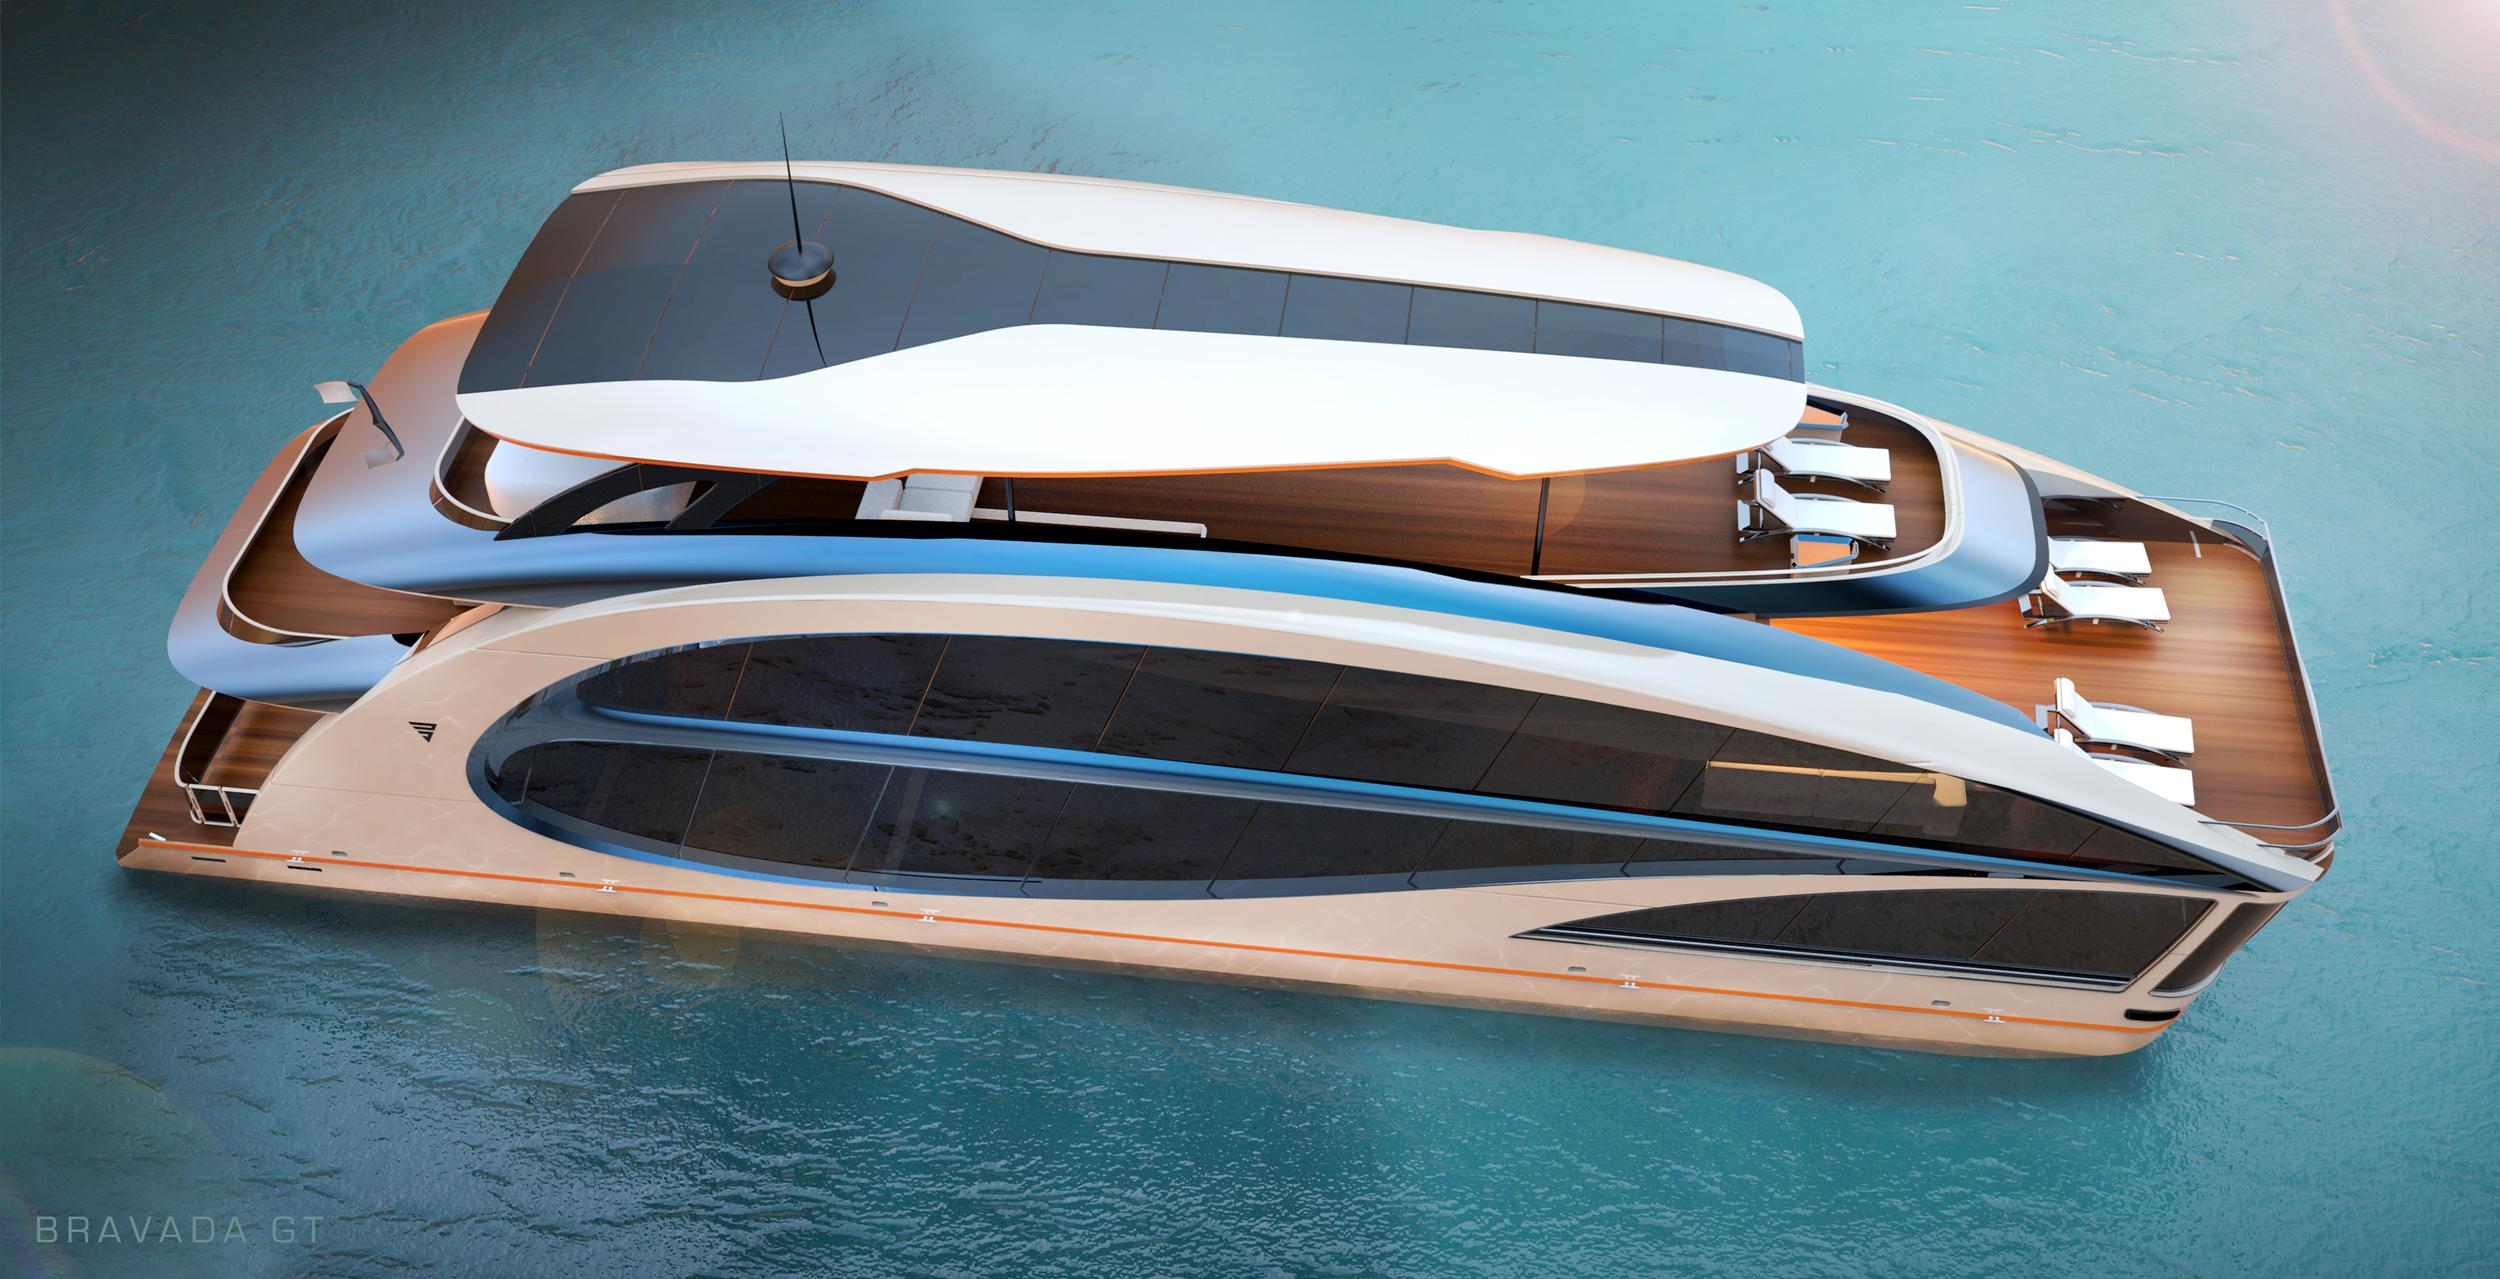 Bravada Yachts - Luxury Houseboats